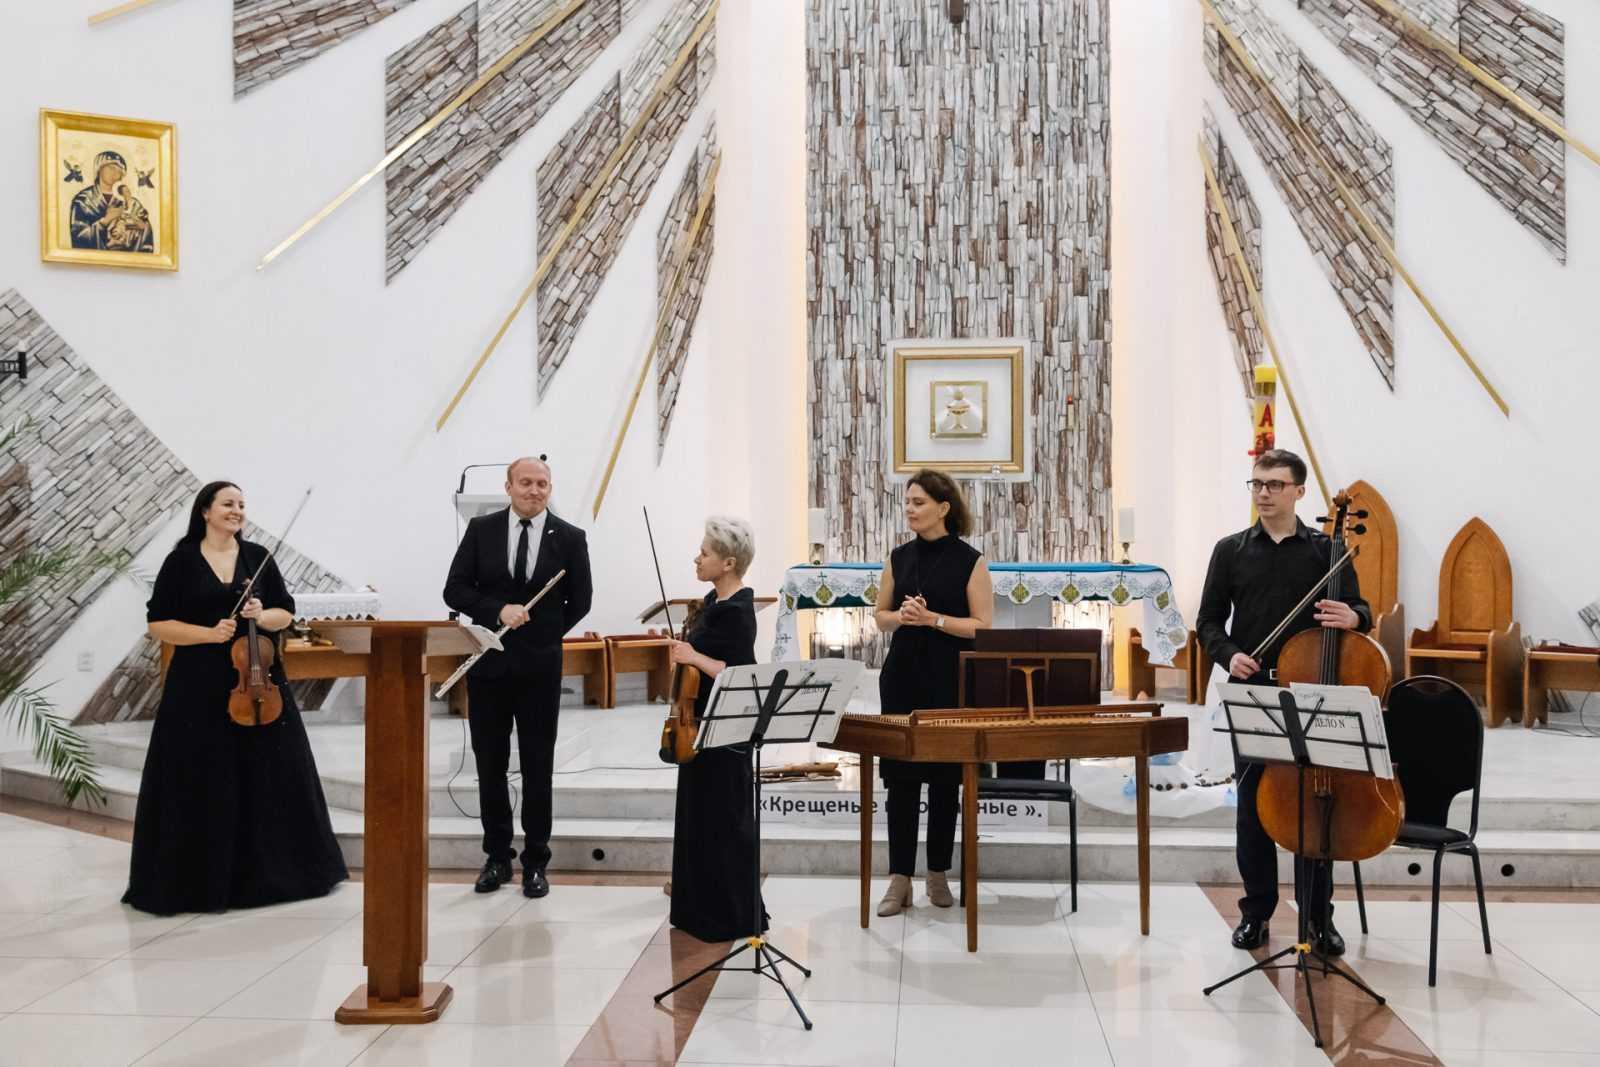 Музыка в храме КОНЦЕРТ «МАСТЕРА БАРОККО» 26.10.2019 43